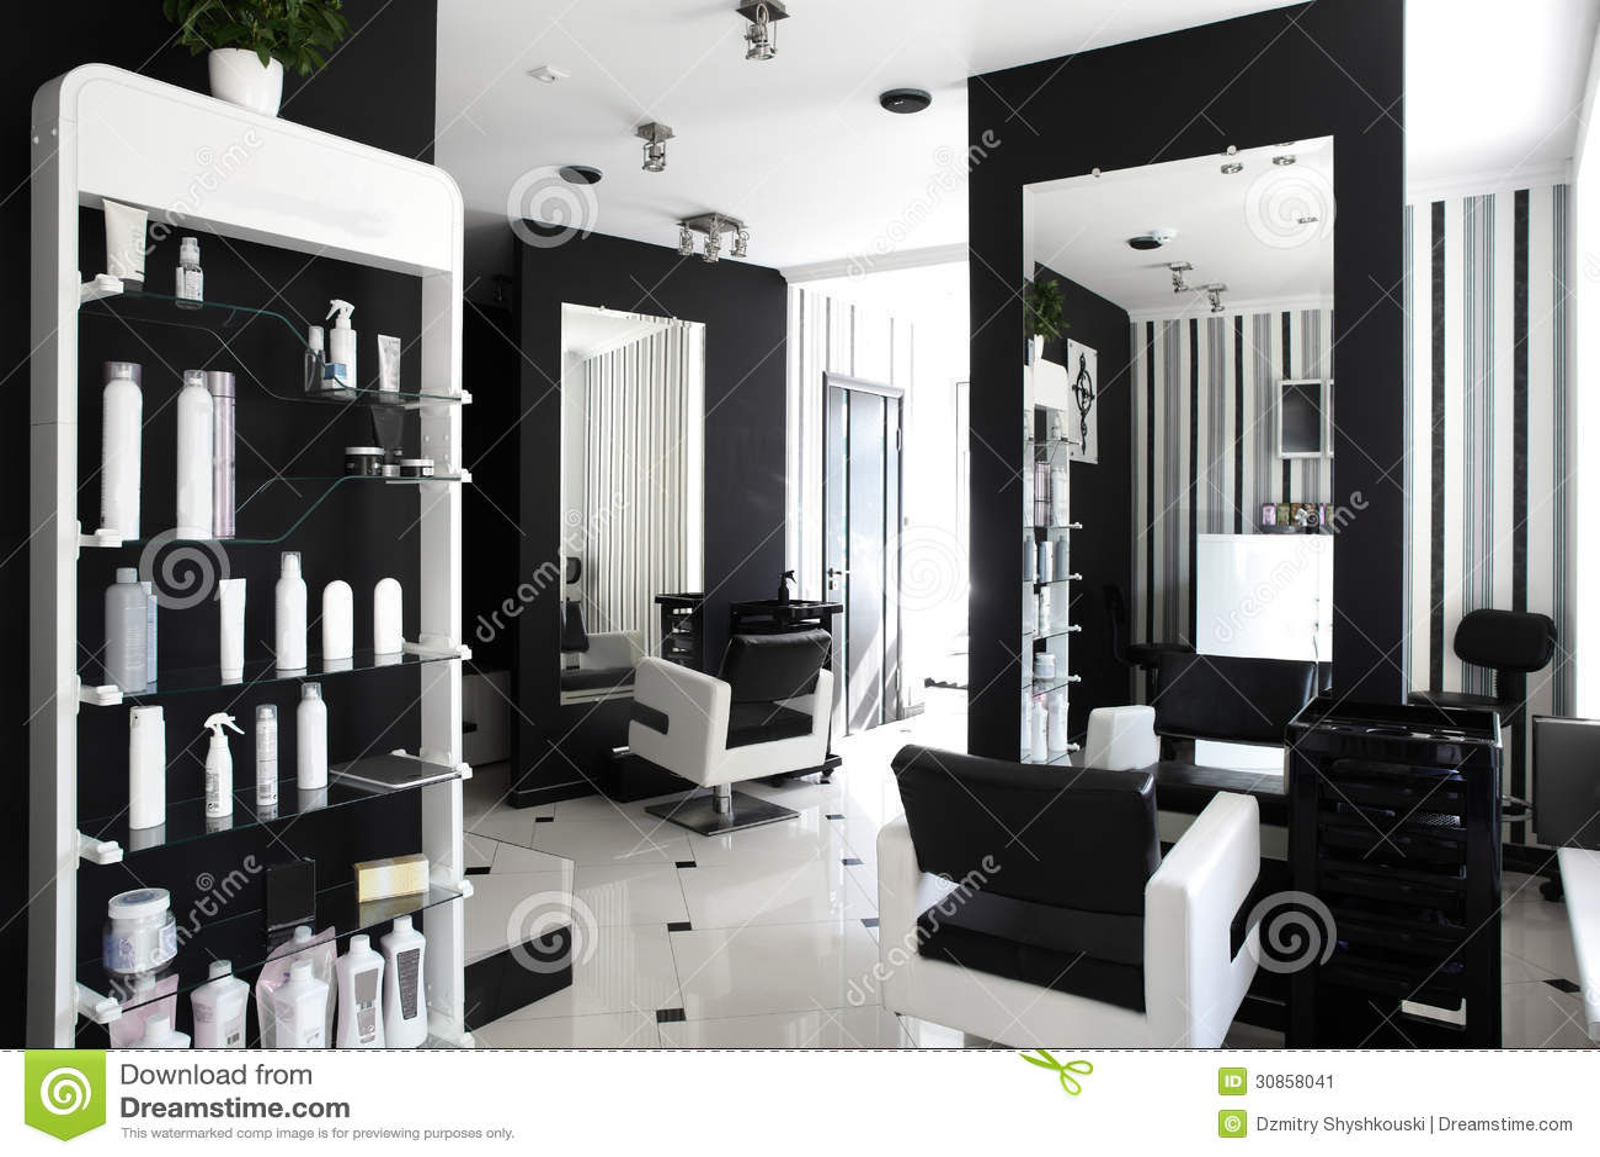 Contemporary Beauty Salon Native Home Garden Design